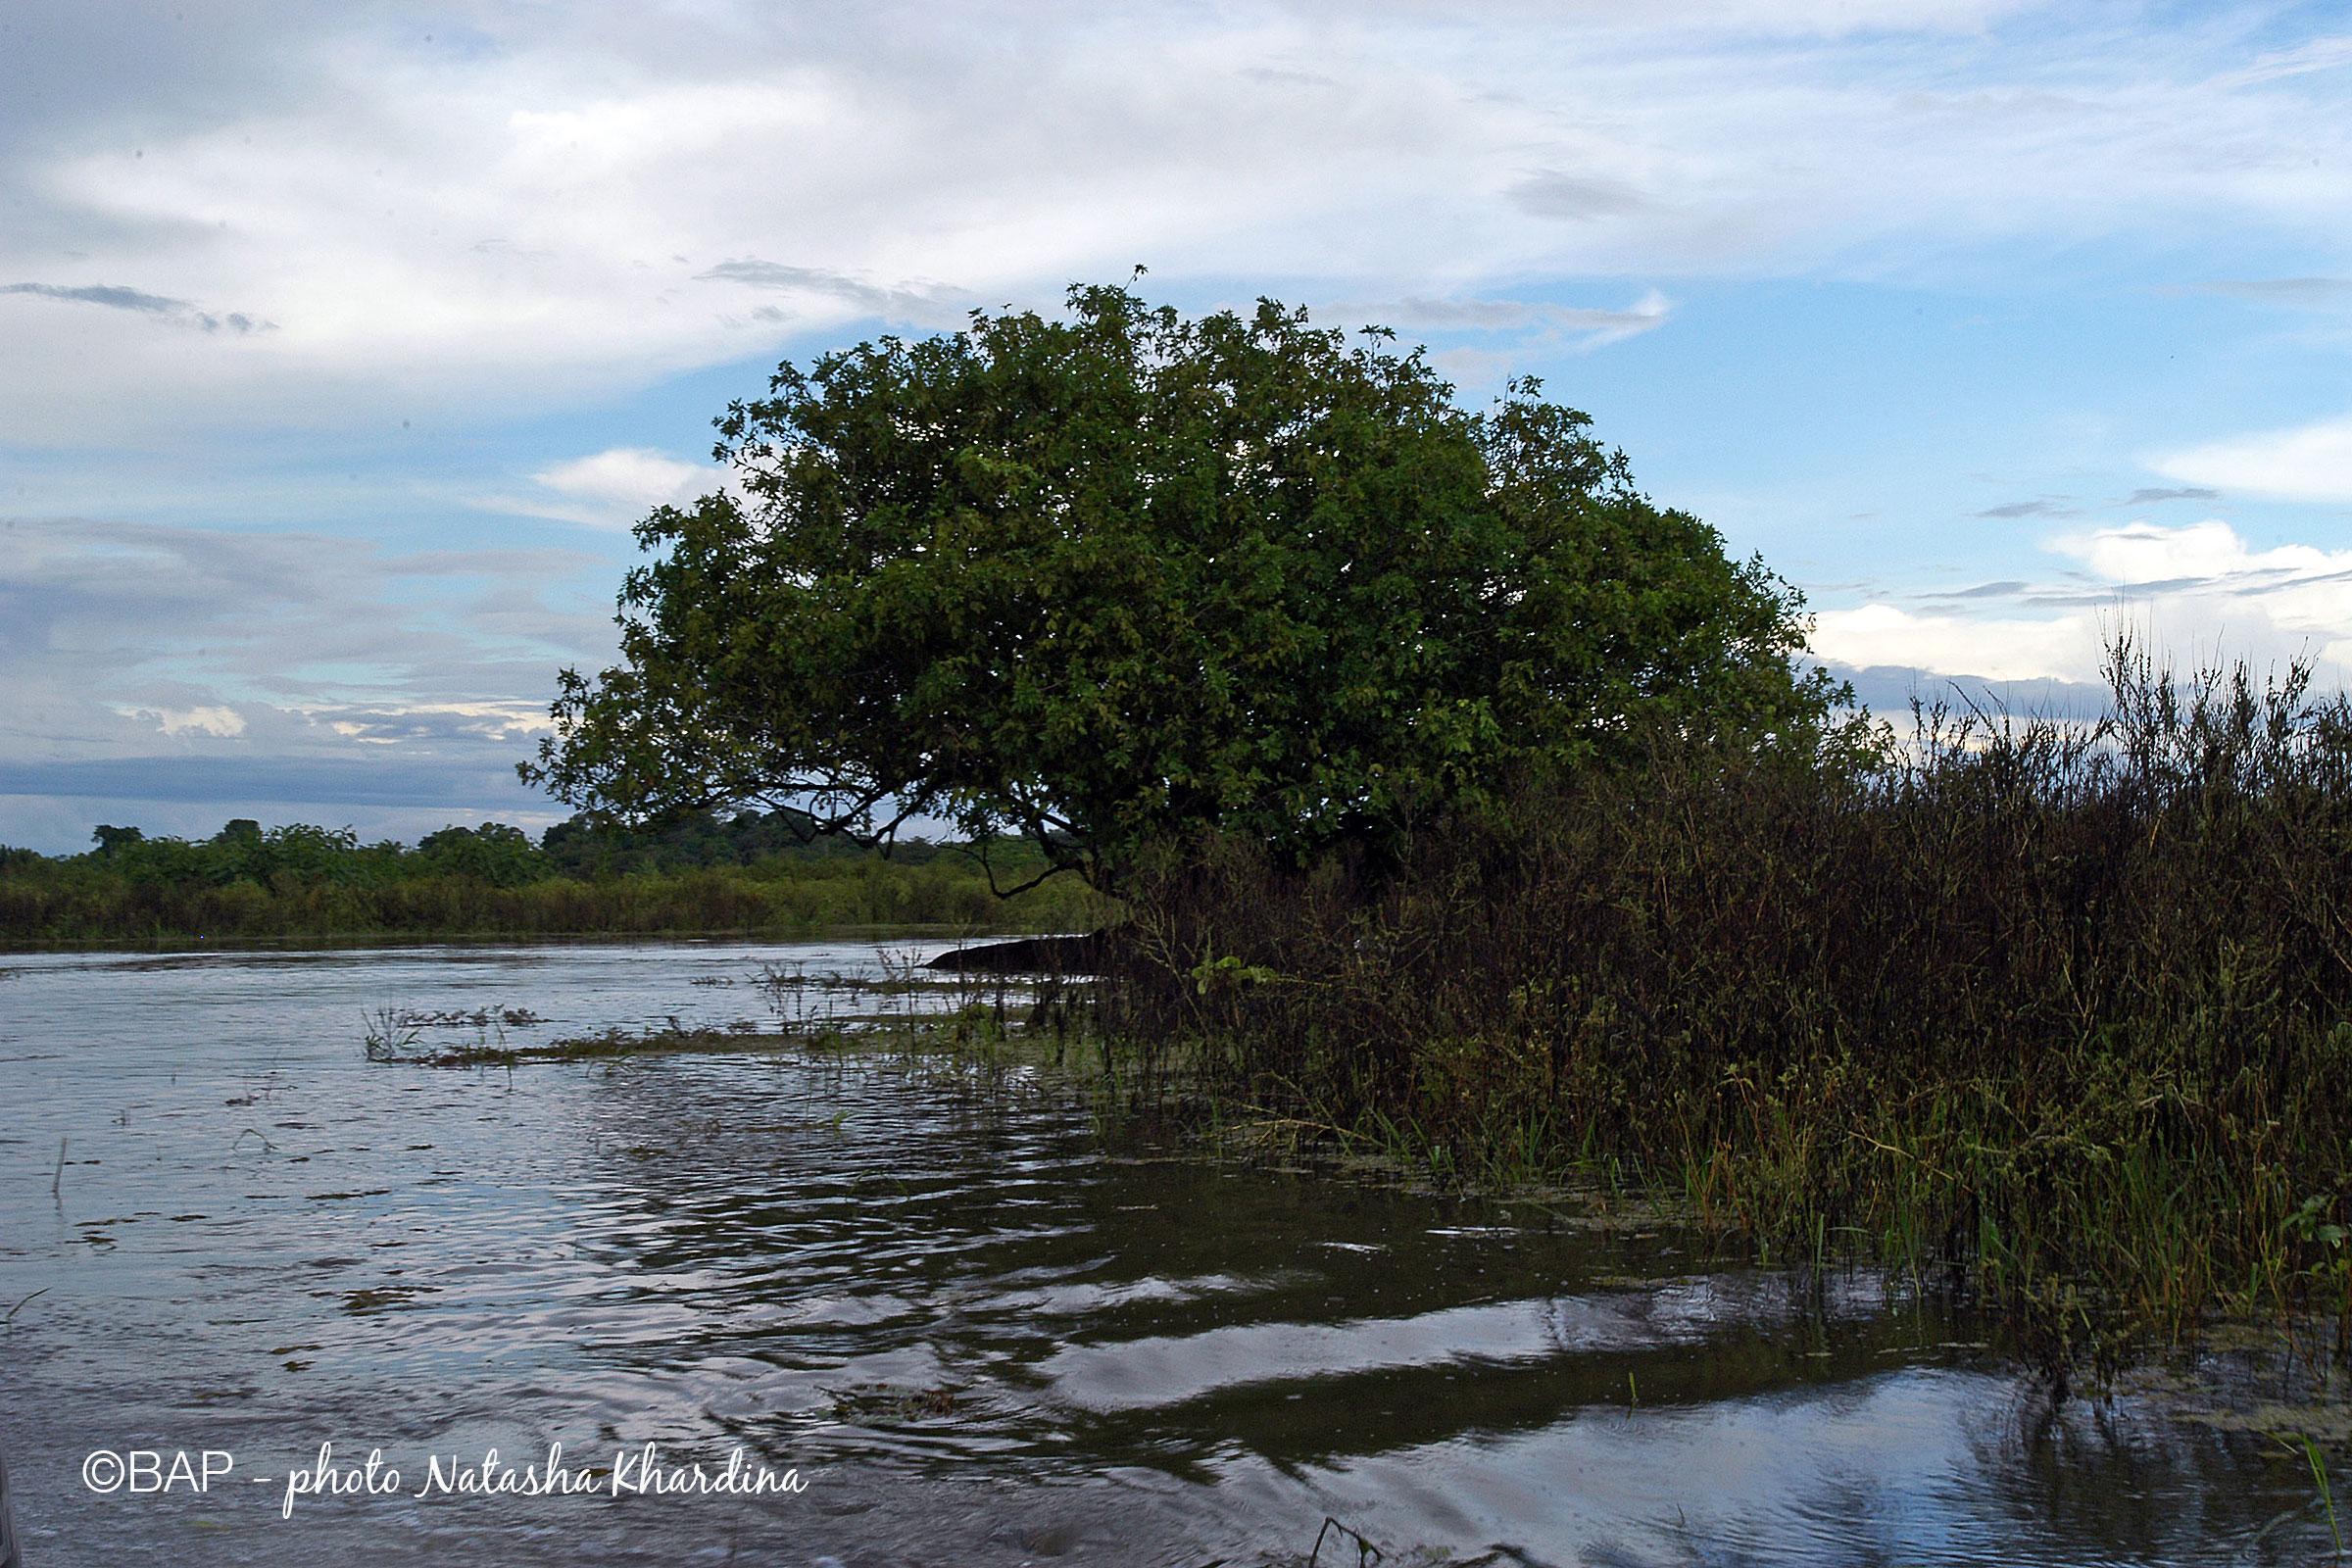 BIN Lago Cuipeua, Amazonas, Brazil. ©BAP, photo N.Khardina